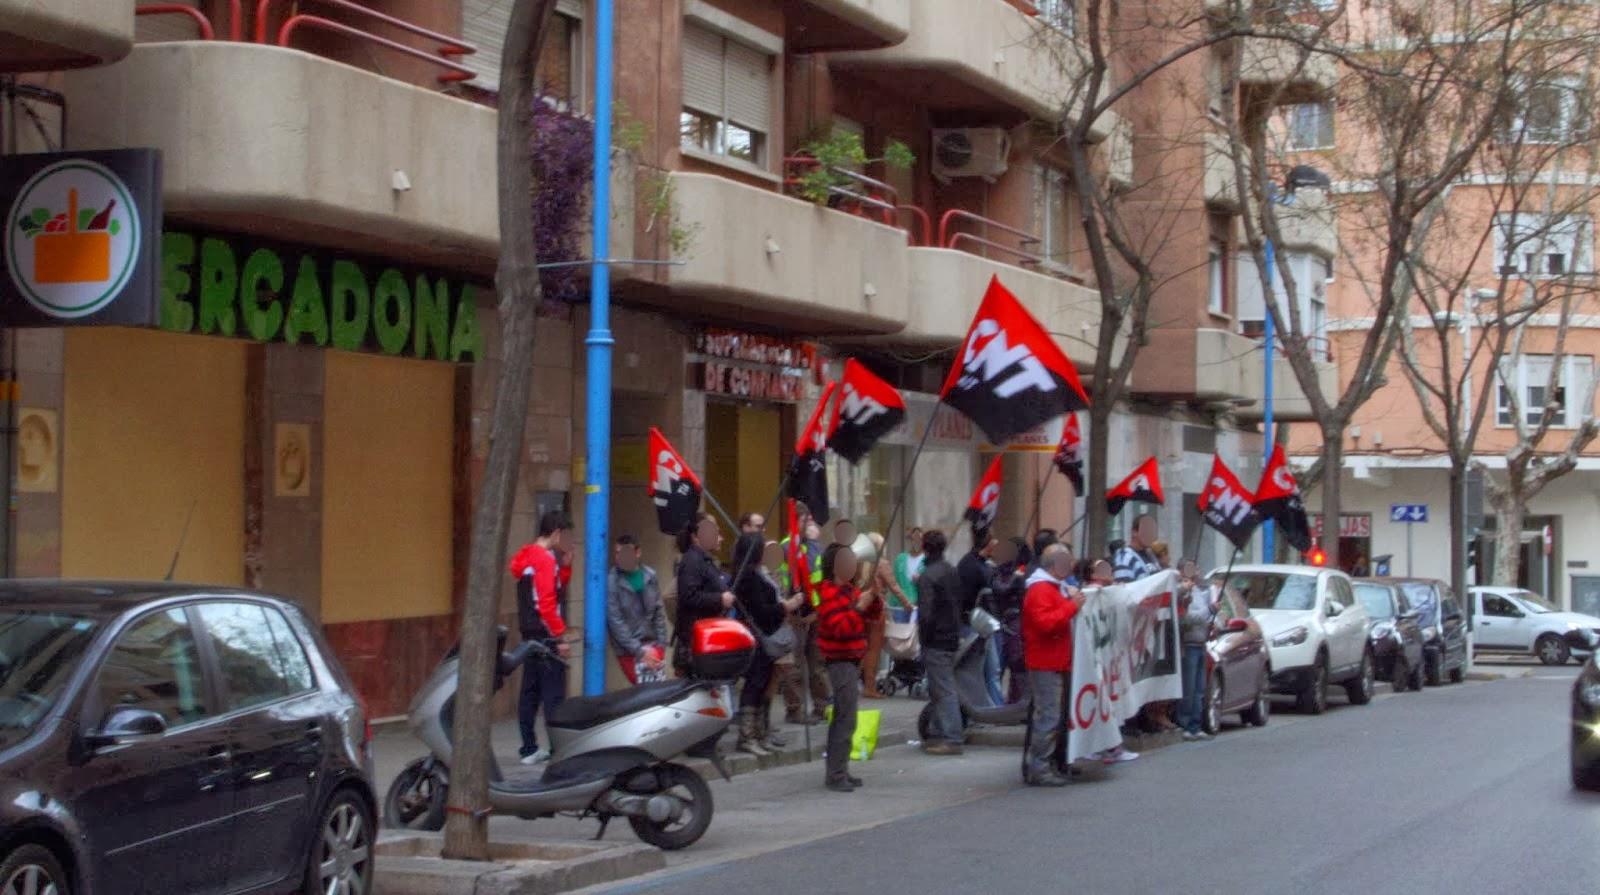 """Quinta concentración de CNT-AIT contra Mercadona en Xàtiva   CNT-AIT se concentra por quinta vez en la provincia de Valencia para denunciar los abusos de Mercadona hacia sus trabajadores y exigir el pago de los """"finiquitos"""" que debe a varios afiliados al Sindicato.  Después de las concentraciones en Tavernes Blanques , Xàtiva y dos en Alzira , los sindicatos de CNT-AIT de Valencia y Vall de Albaida continúan con las acciones contra la cadena de supermercados. En esta ocasión volvimos a Xàtiva donde se concentraron durante dos horas el pasado sábado 8 de febrero a las puertas del Mercadona de la calle Vicent Boix. A las ya clásicas consignas """"Productos hacendado, productos que Hacen Daño"""" o """"Manos arriba, esto es Mercadona"""", también se coreó """"Que los despidos les pagan, Bárcenas y FAES"""" haciendo referencia a los donativos a la fundación de José María Aznar, sobre los que Juan Roig declaró la semana pasada ante el juez de la Audiencia Nacional Pablo Ruz.  La repercusión entre la gente que se acercaba a interesarse por el conflicto fue tal, que las 700 octavillas preparadas se terminaron en apenas 45 minutos. La mayoría de los clientes mostraron su apoyo y evitaron entrar a comprar, marchándose a otro establecimiento. Aun así, hubo quien terminó entrando a pesar de estar de acuerdo con las reivindicaciones de la anarcosindical,porque... """"si no compro ahí, adonde voy?"""", Demostrando que la empresa ha logrado inculcar en la gente que es la única opción a la hora de realizar compras.  Desde que comenzó el conflicto , hace un mes y medio, los actos de solidaridad por parte del resto de sindicatos que forman la CNT-AIT, no han cesado en todo el Estado. Estos actos culminarán durante la semana del 17 al 23 de febrero, en la que hay una jornada de lucha convocada para que toda la Confederación, unida, haga frente a este gigante empresarial.  CNT-AIT, Vall de Albaida"""